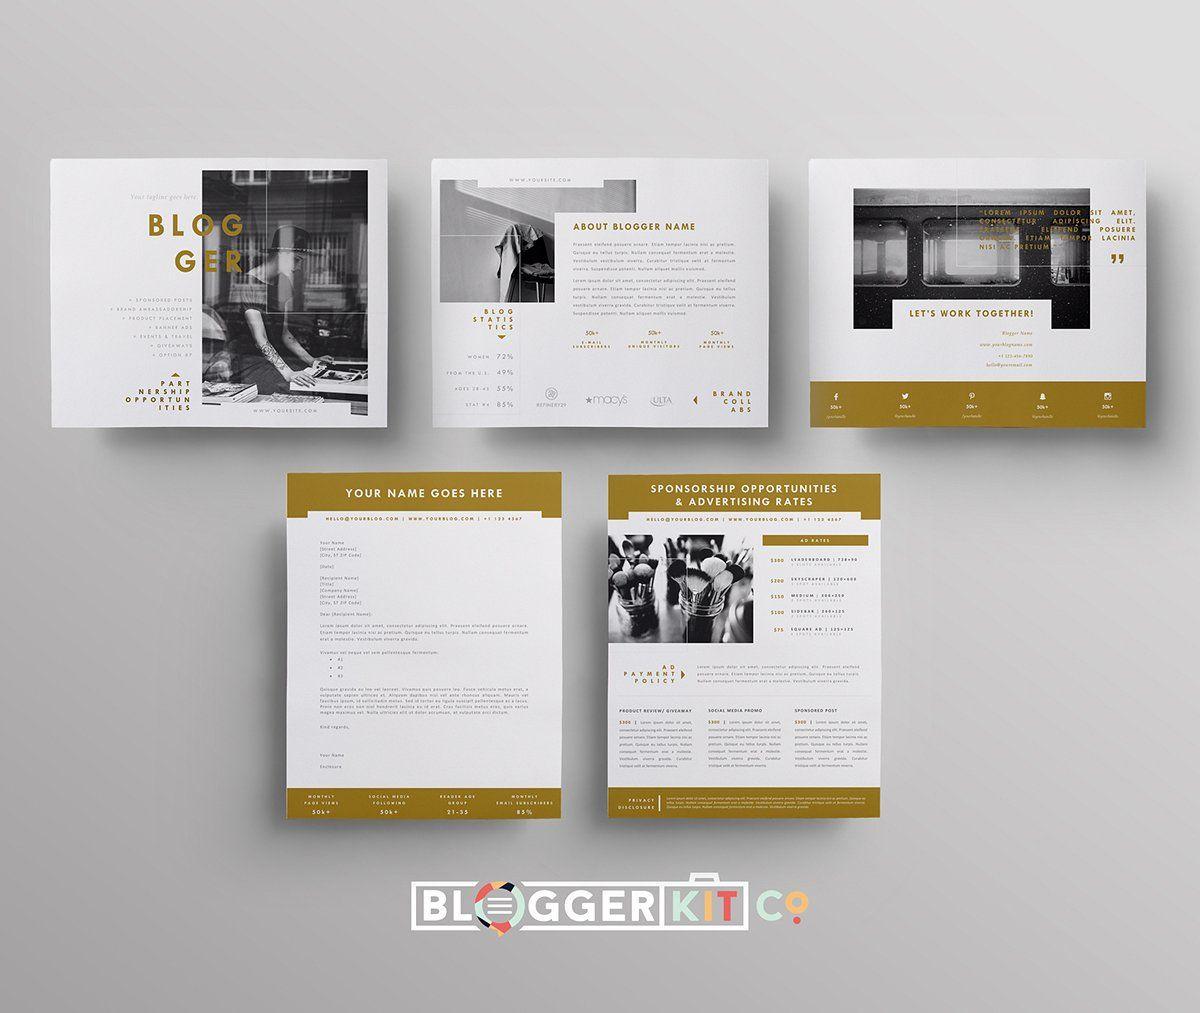 Blog Media Kit Sponsorship 5 Pgs Media Kit Template Blog